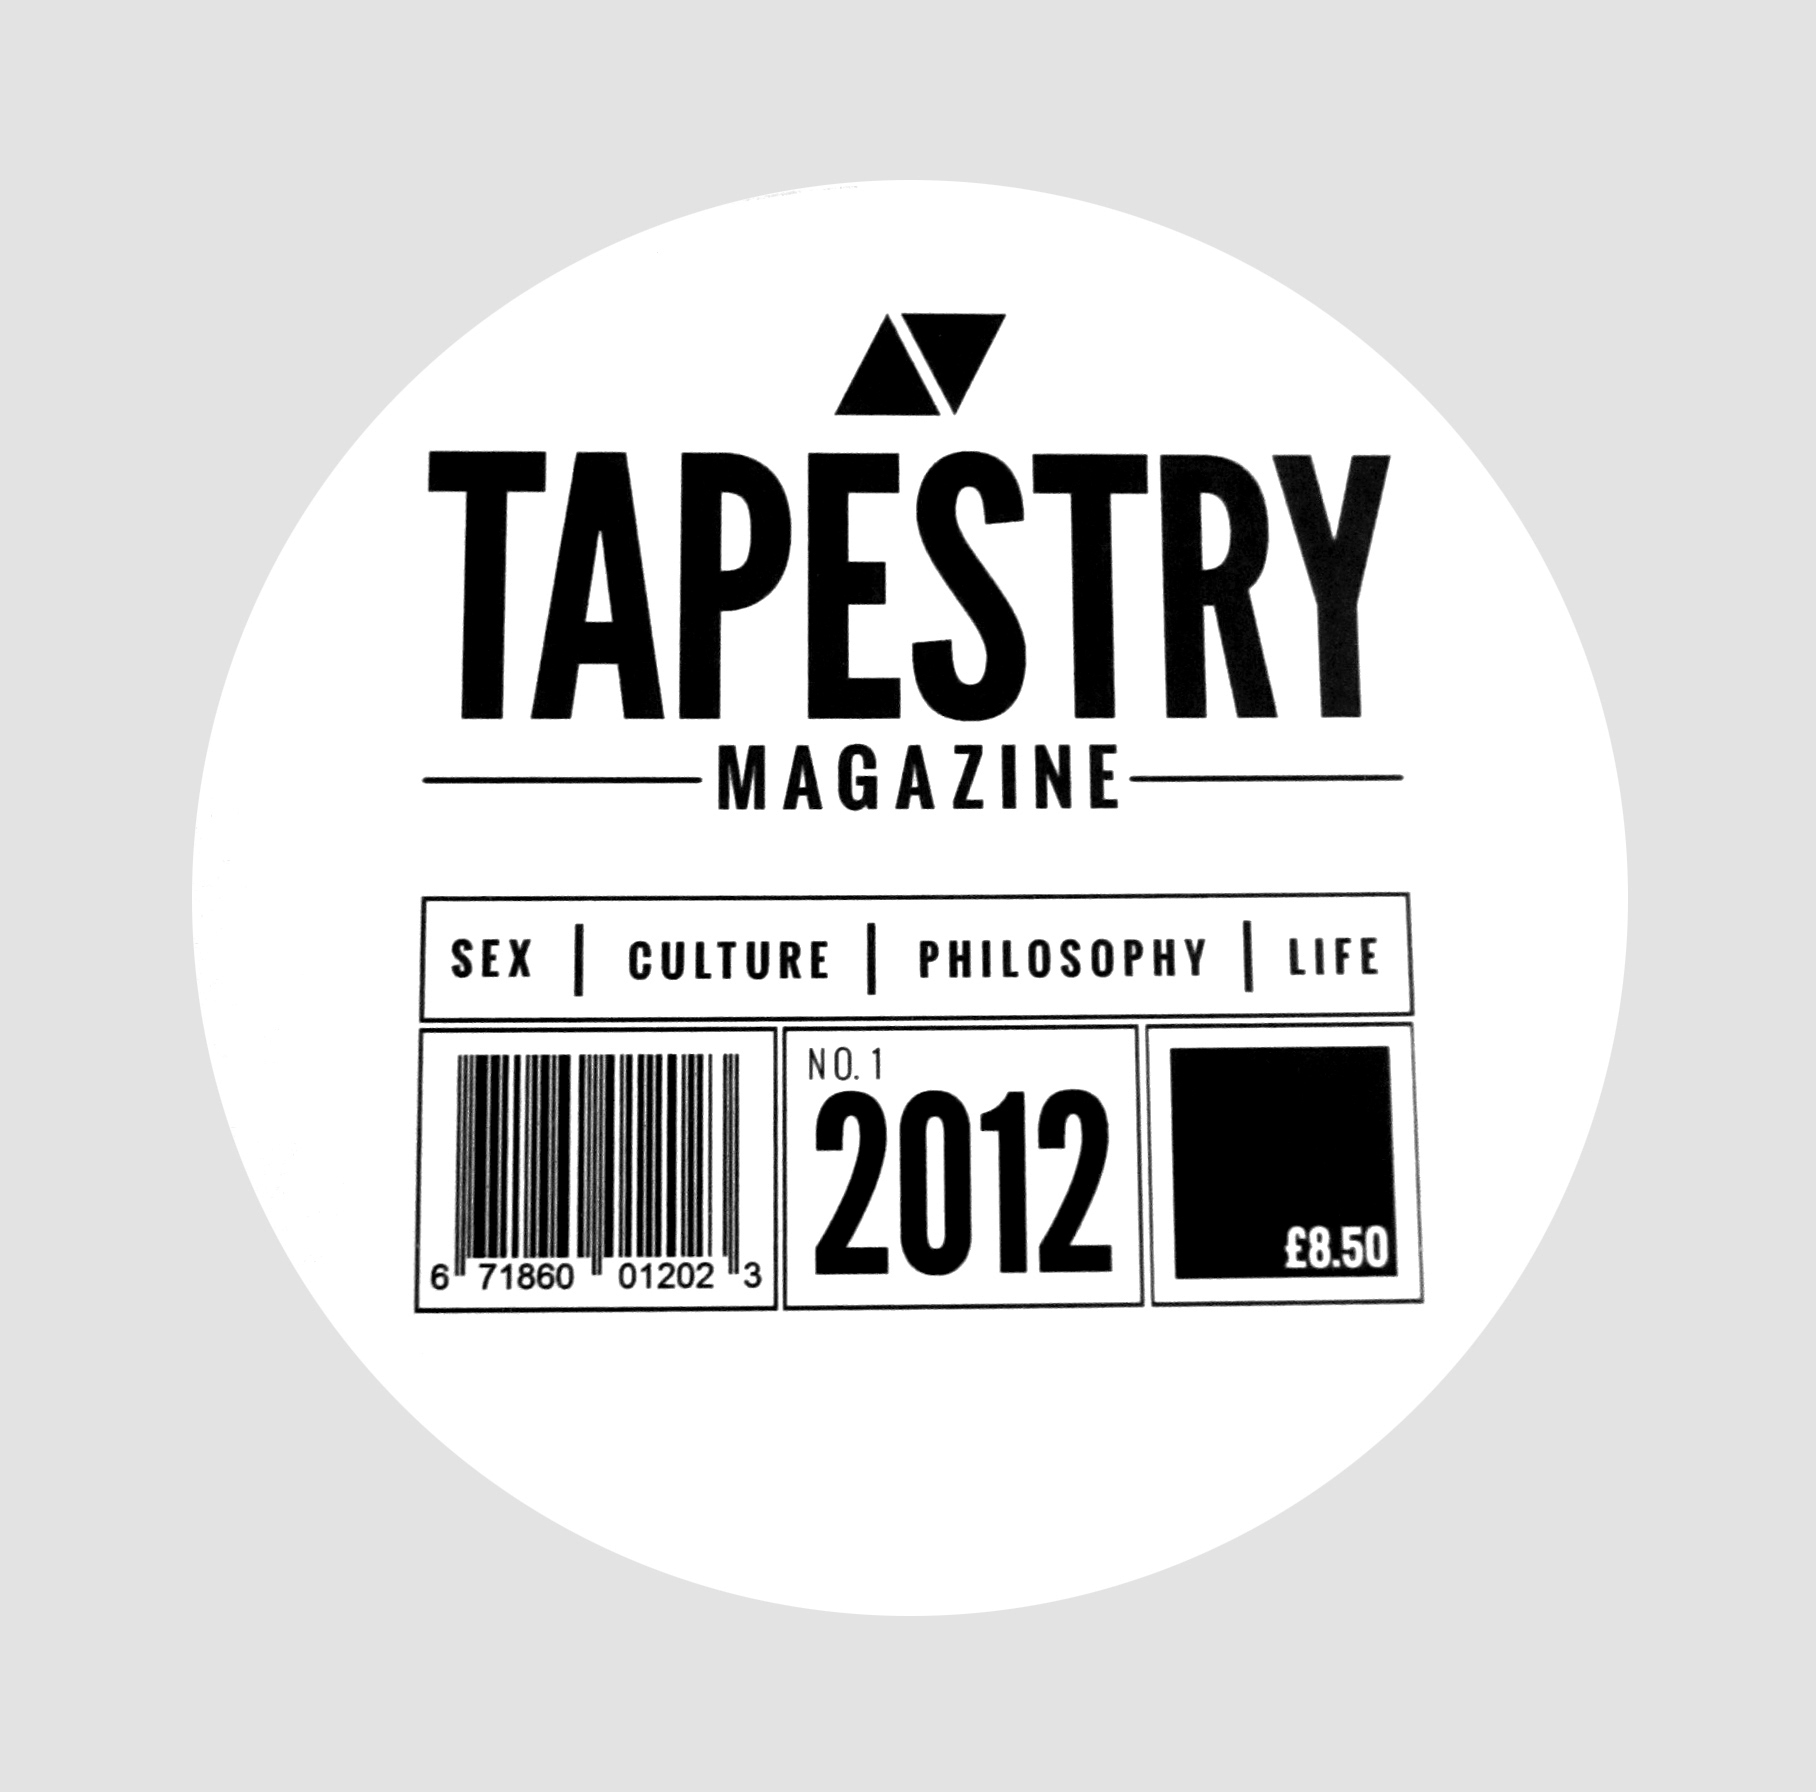 Tapestry Identity